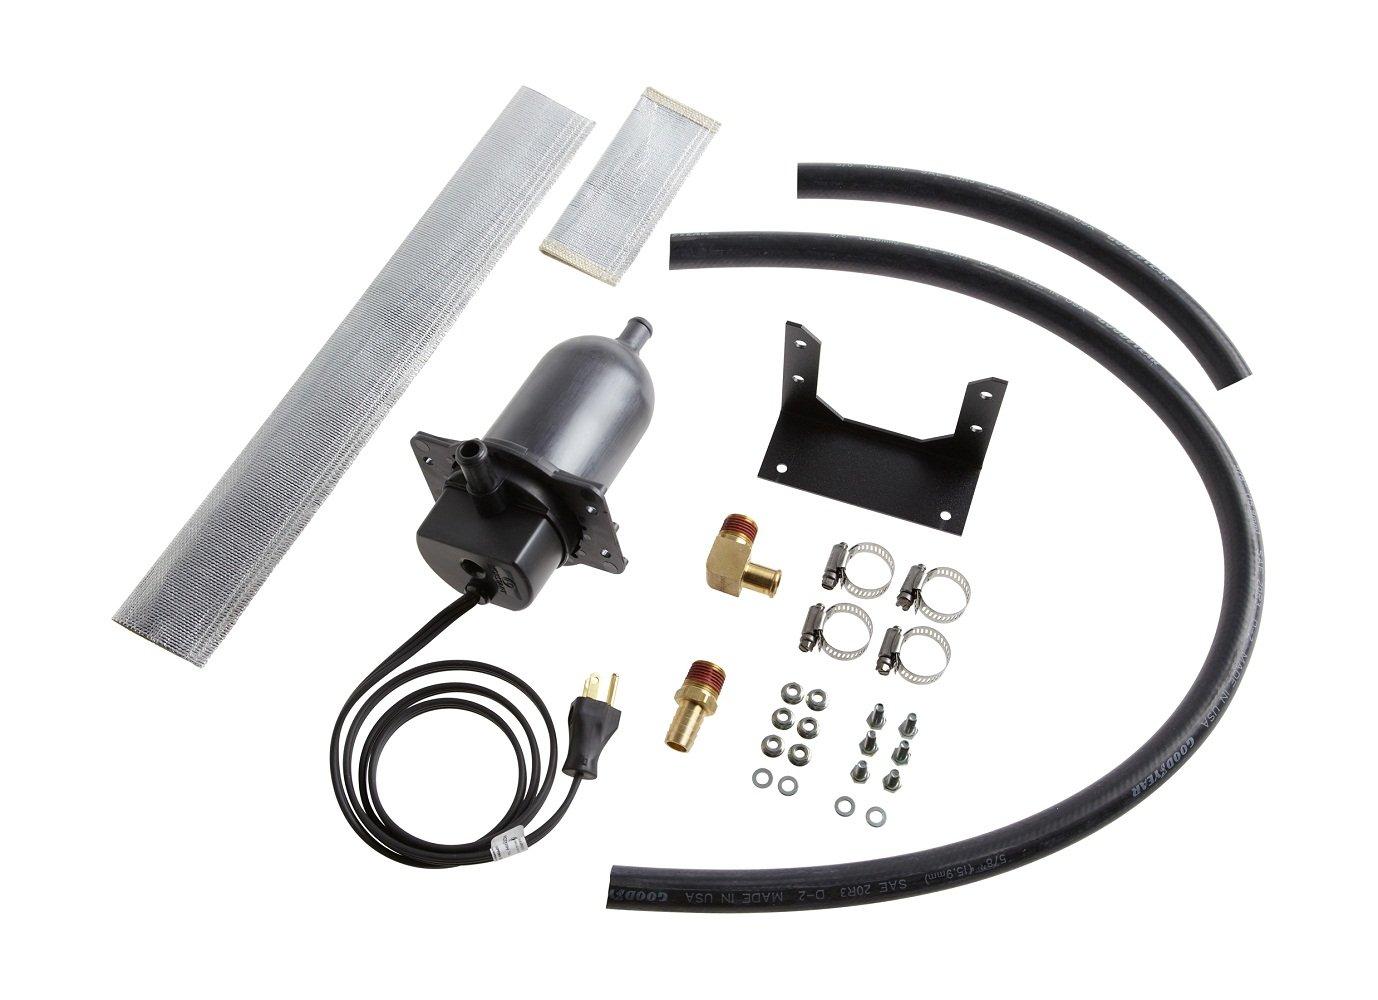 Amazon.com : Kohler GM84997-KP1 Block Heater for 38RCL Generator :  Generator Accessories : Garden & Outdoor